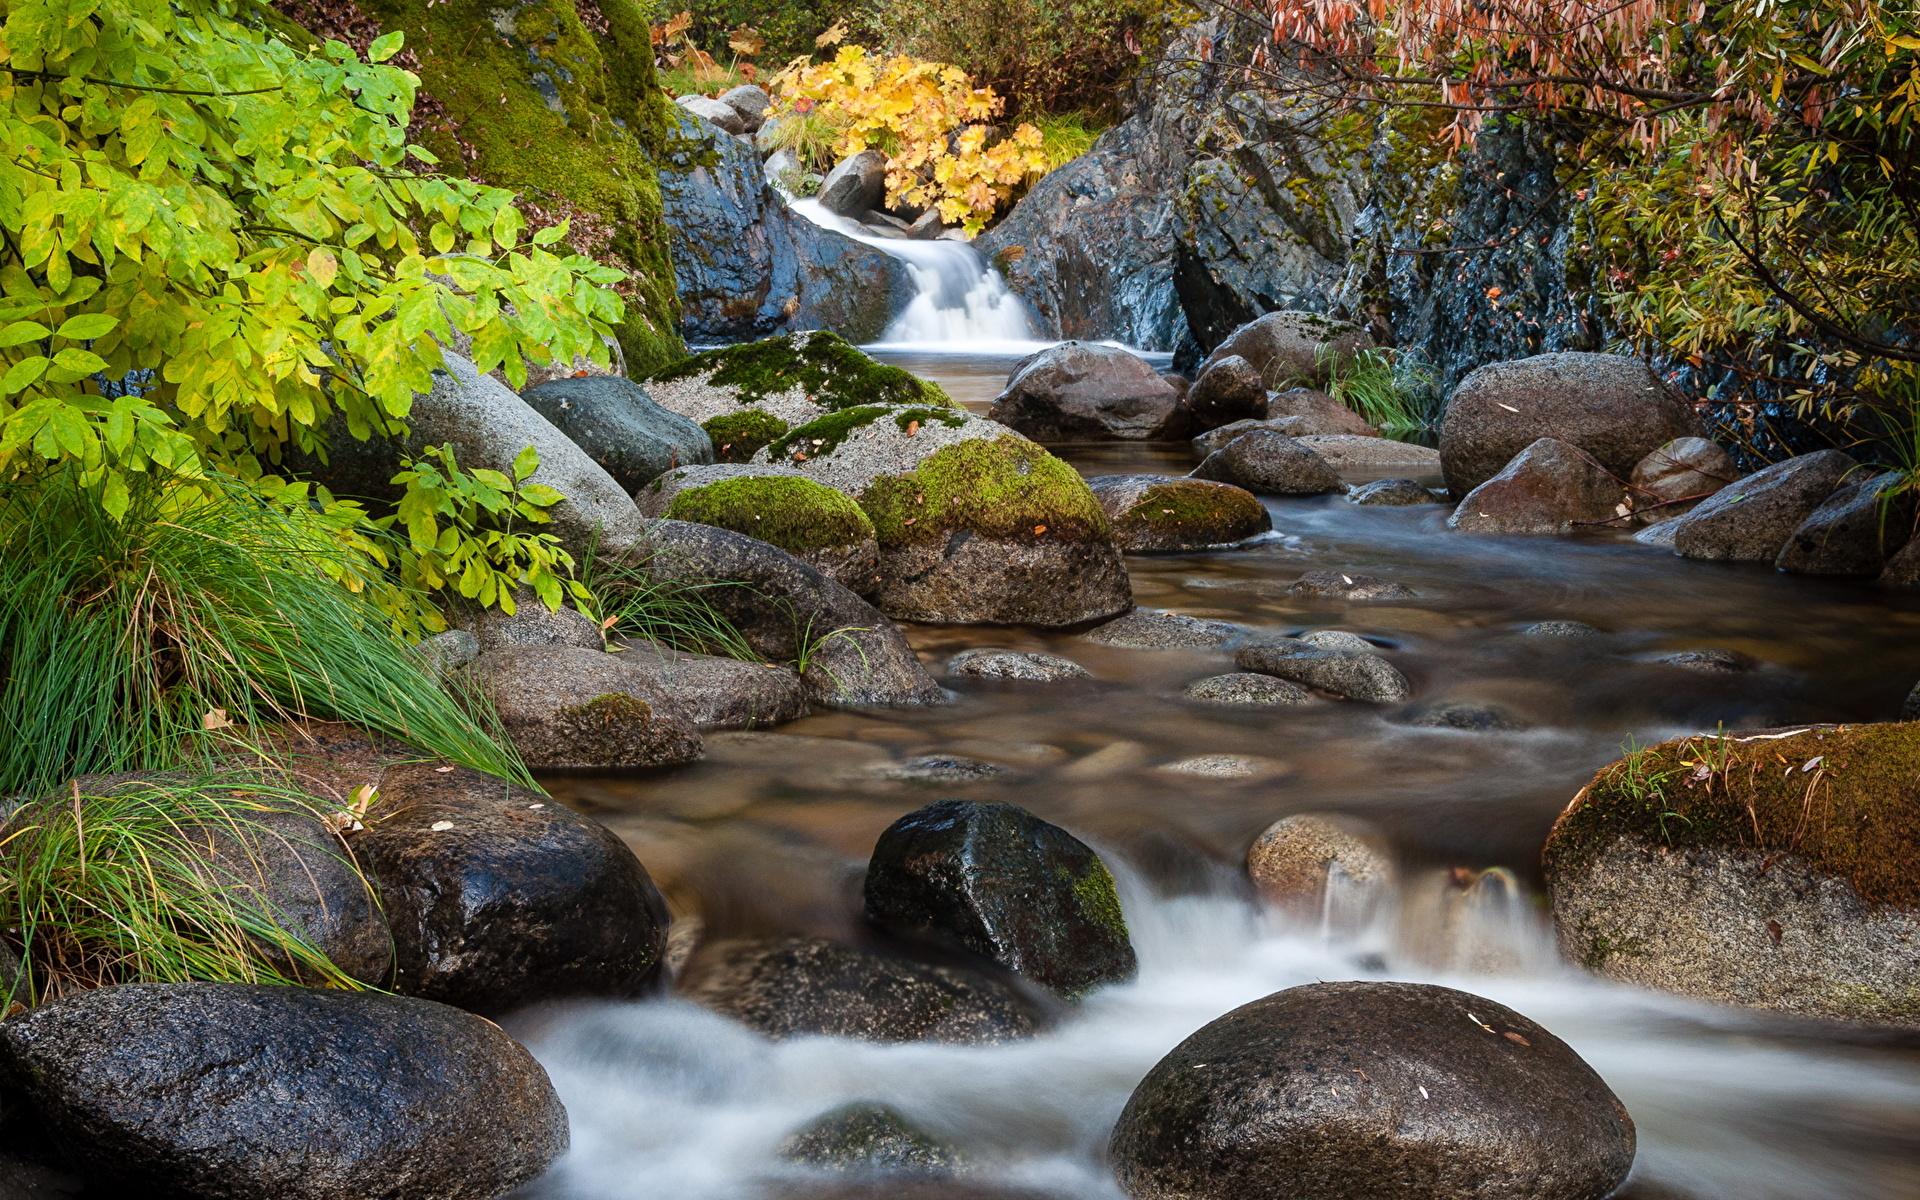 Водопад по камням  № 1869753 загрузить